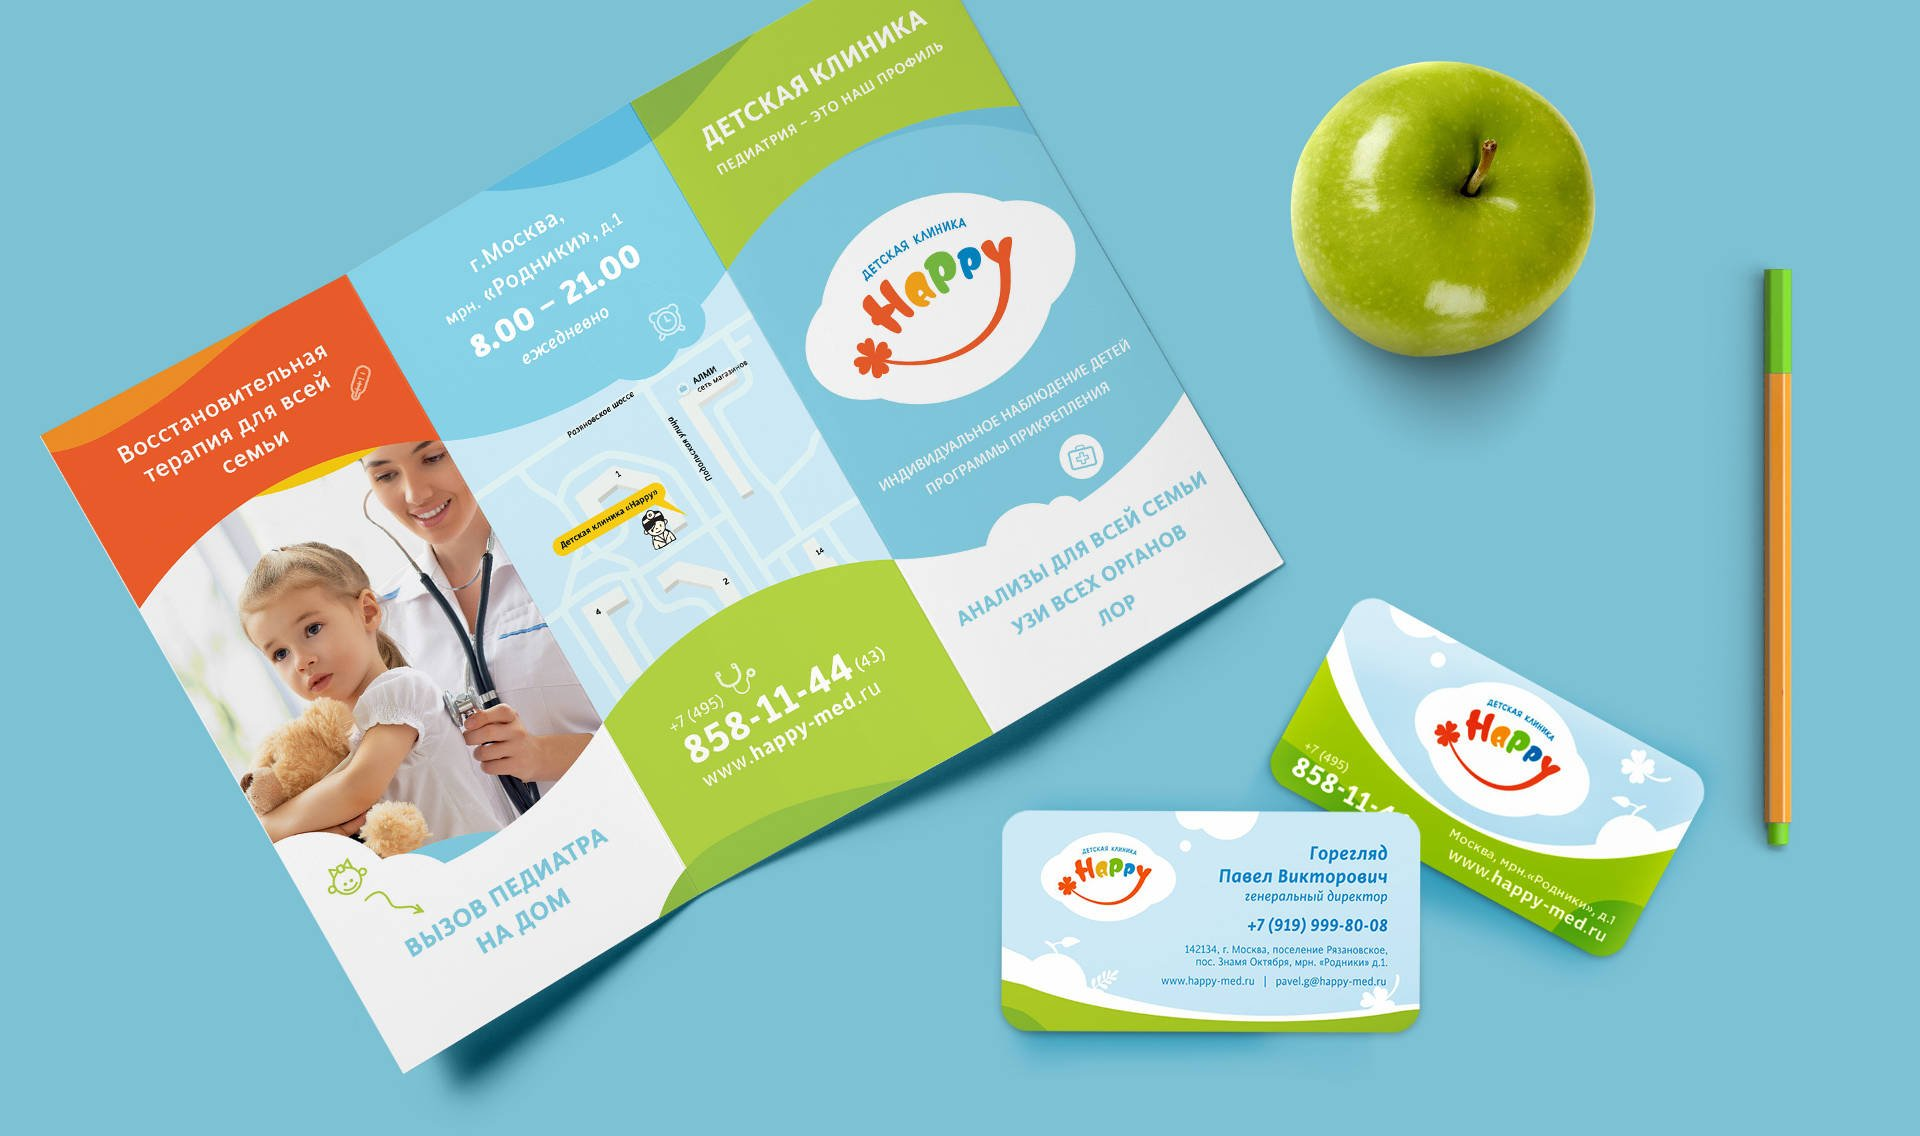 Брендинг детской медицинской клиники, Children's medical clinic branding